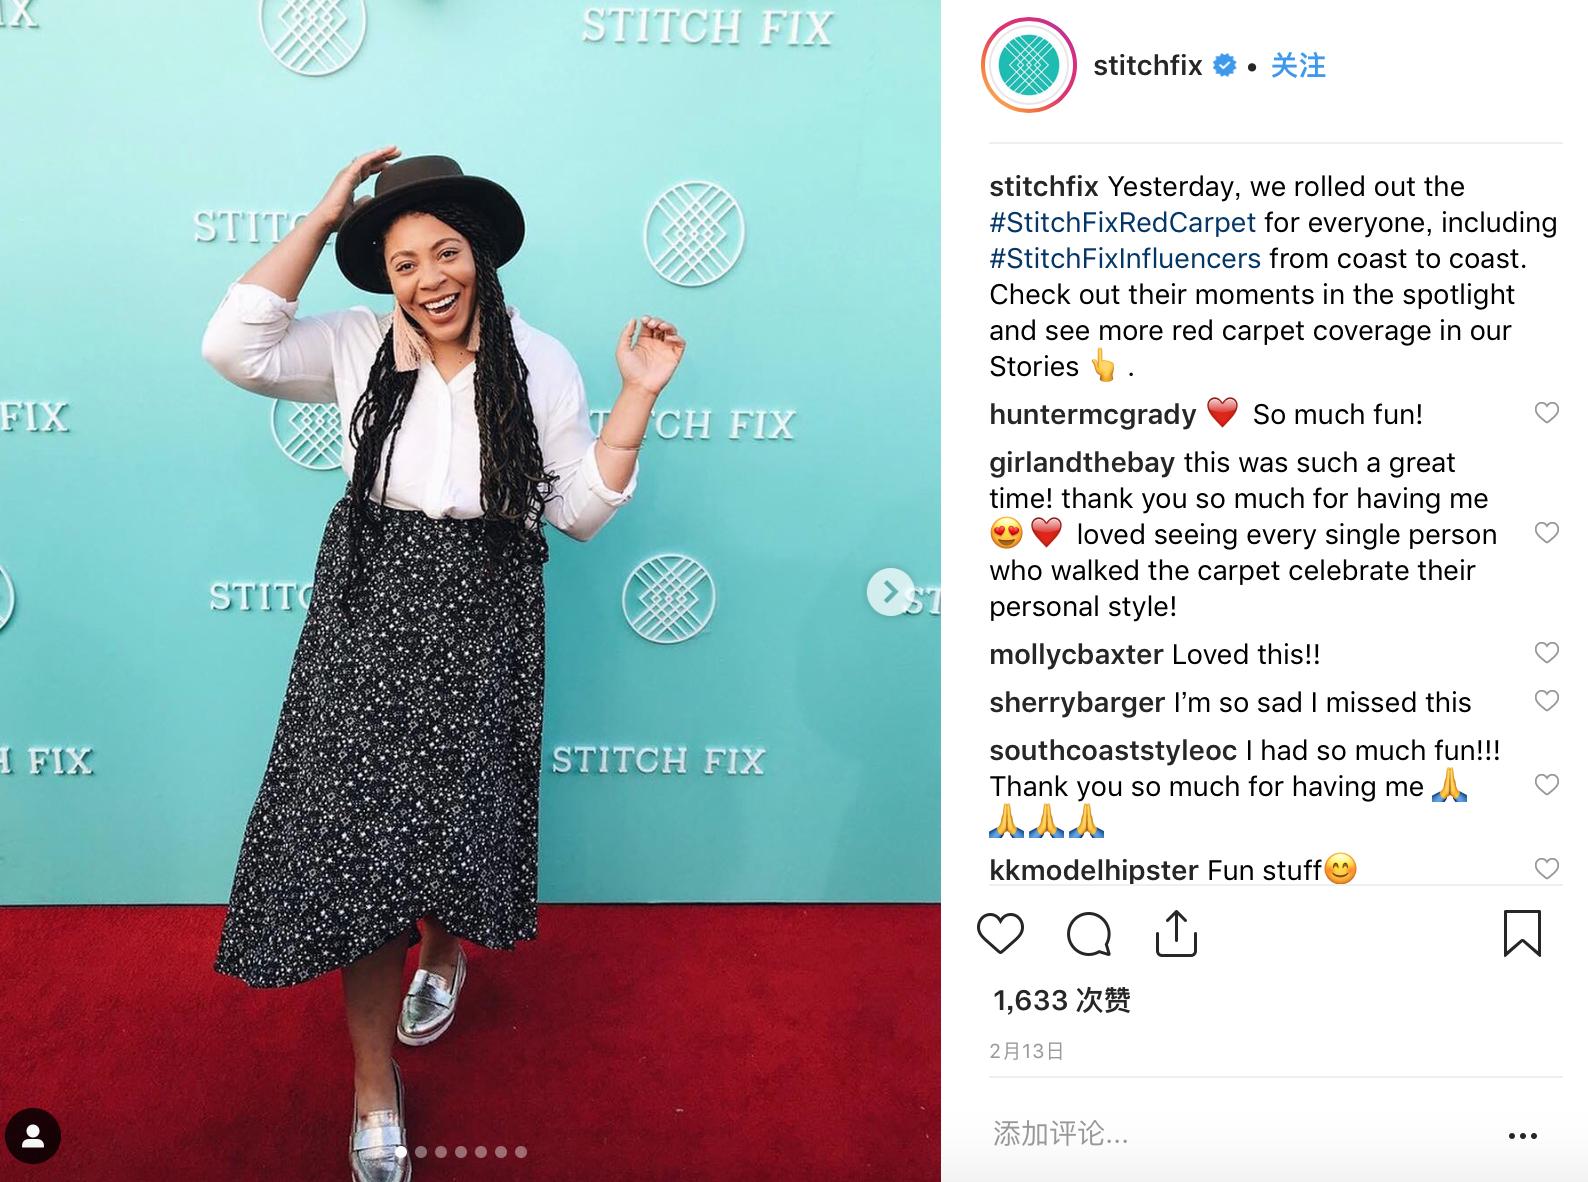 为普罗大众带来红毯体验,美国按月订购时尚电商 Stitch Fix 巧妙借力奥斯卡